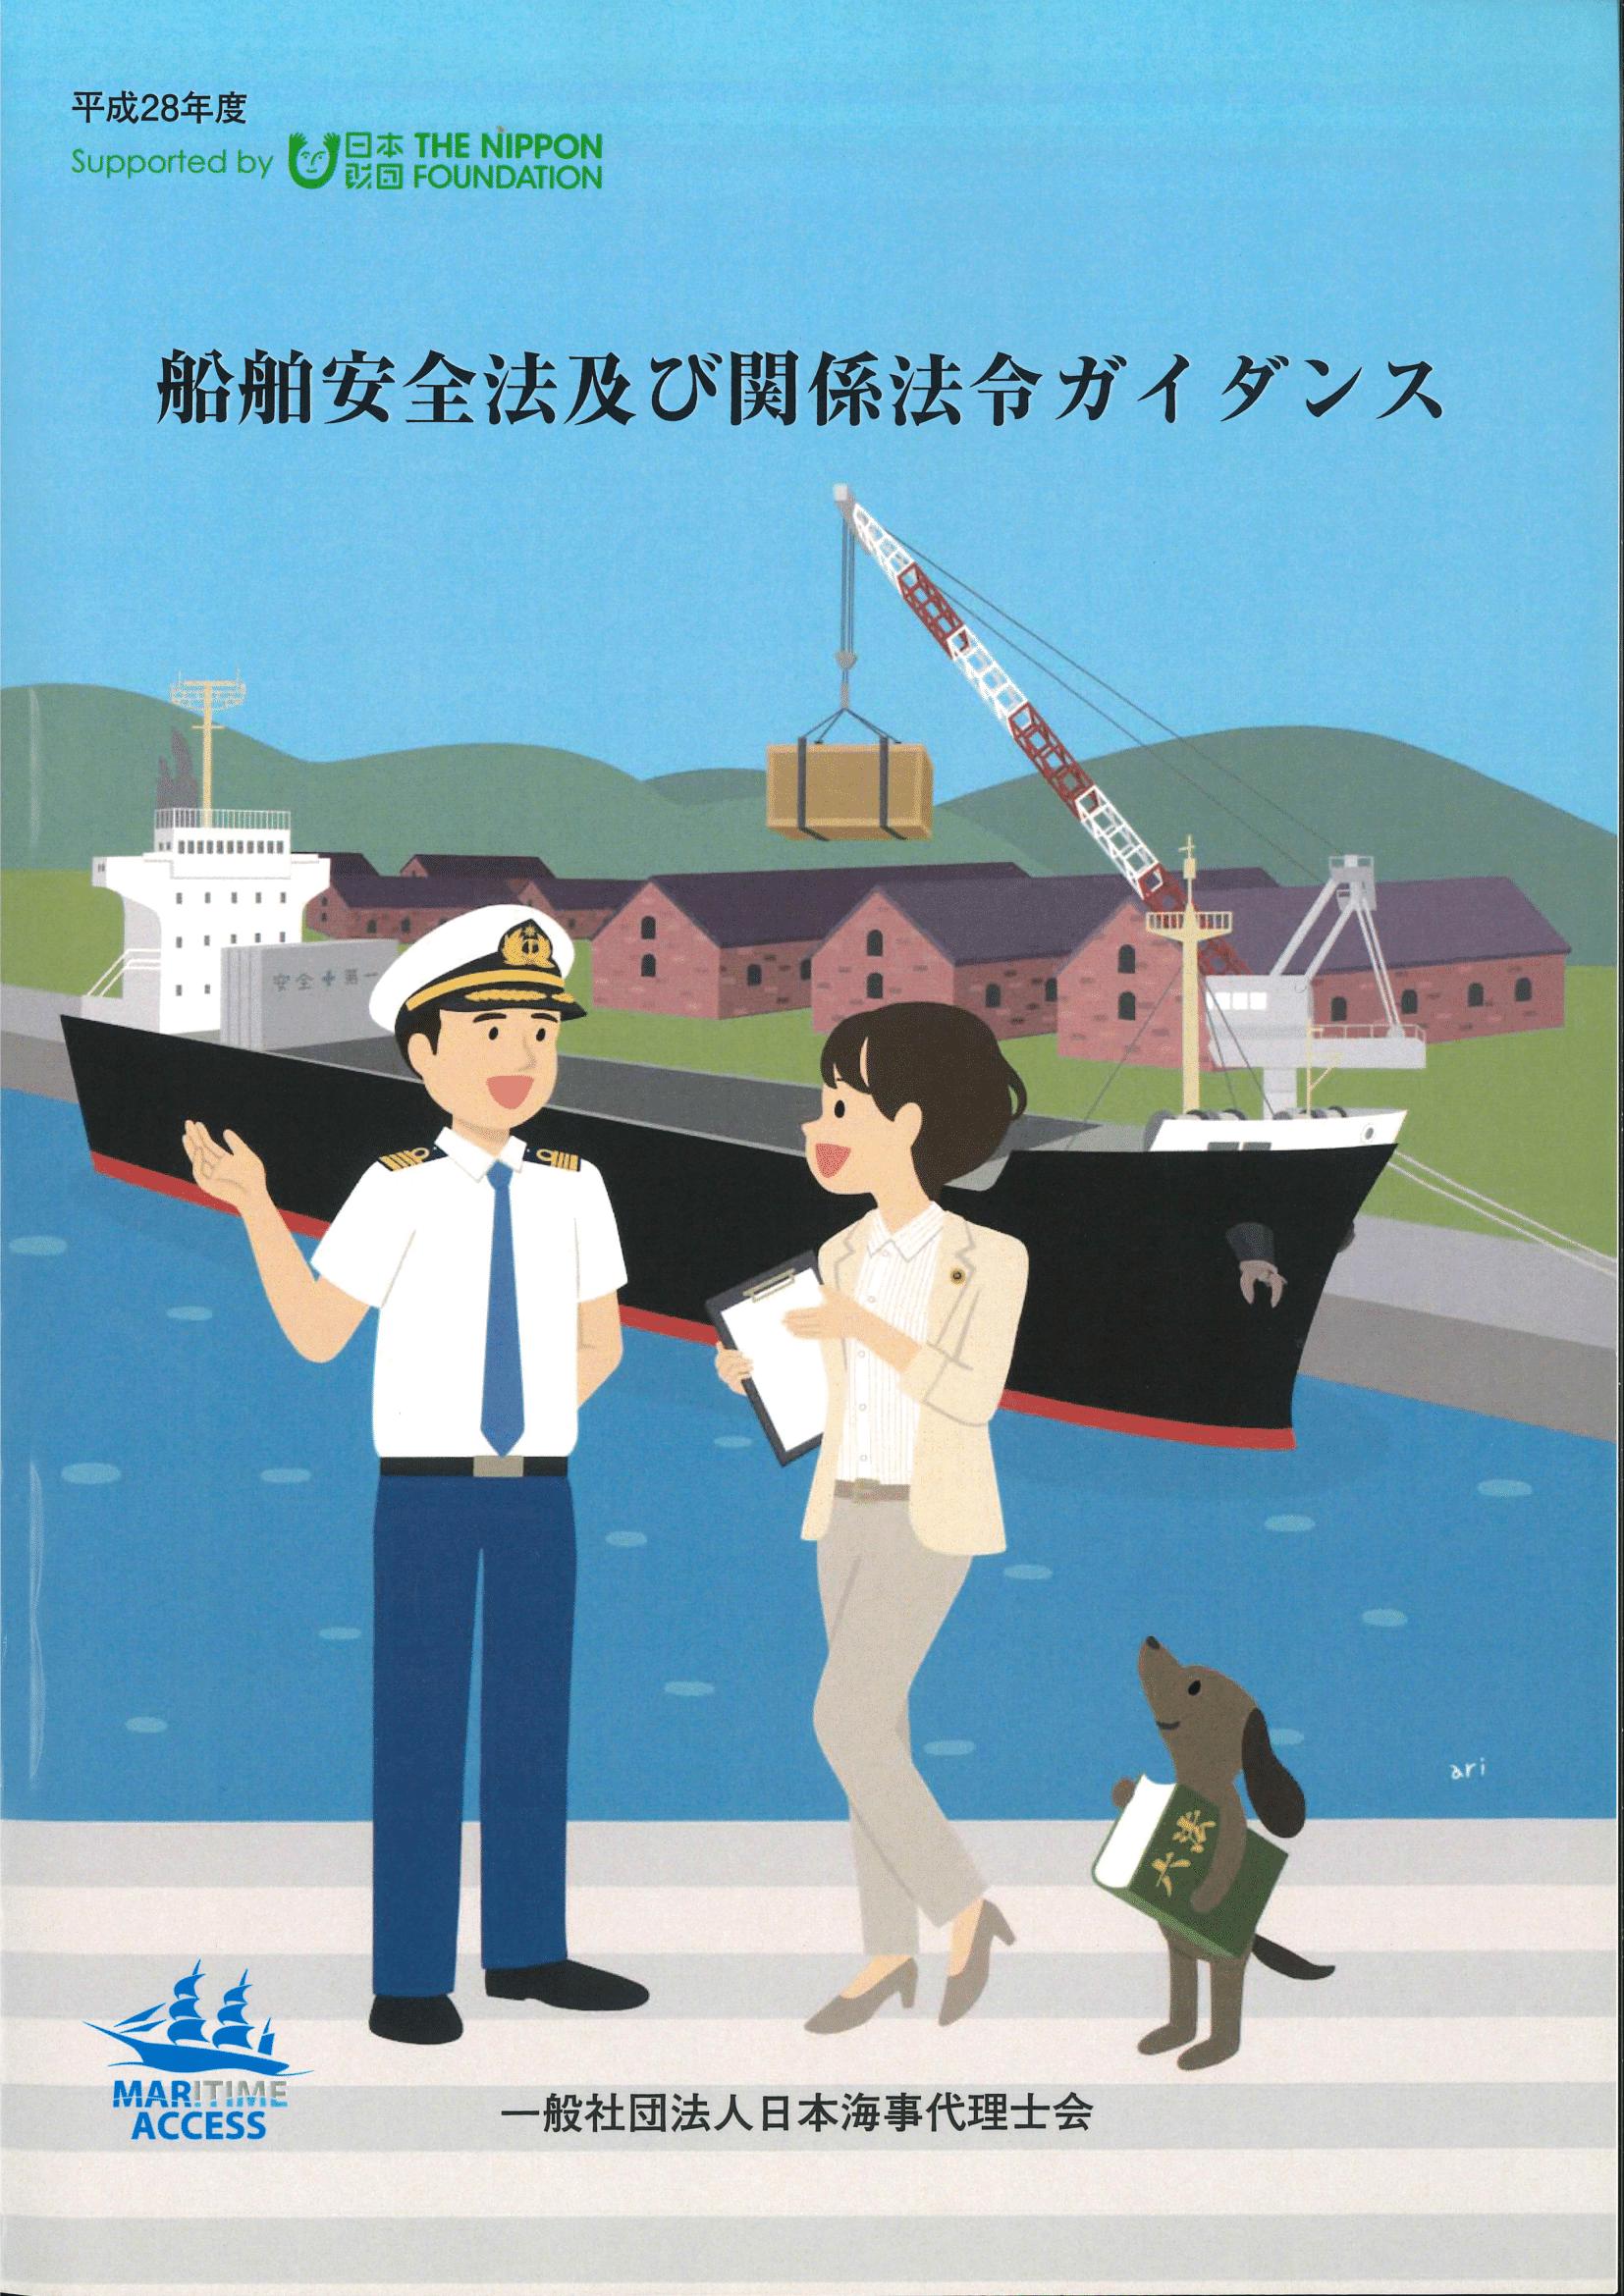 船舶安全法及び関係法令ガイダンス(平成30年3月発行)